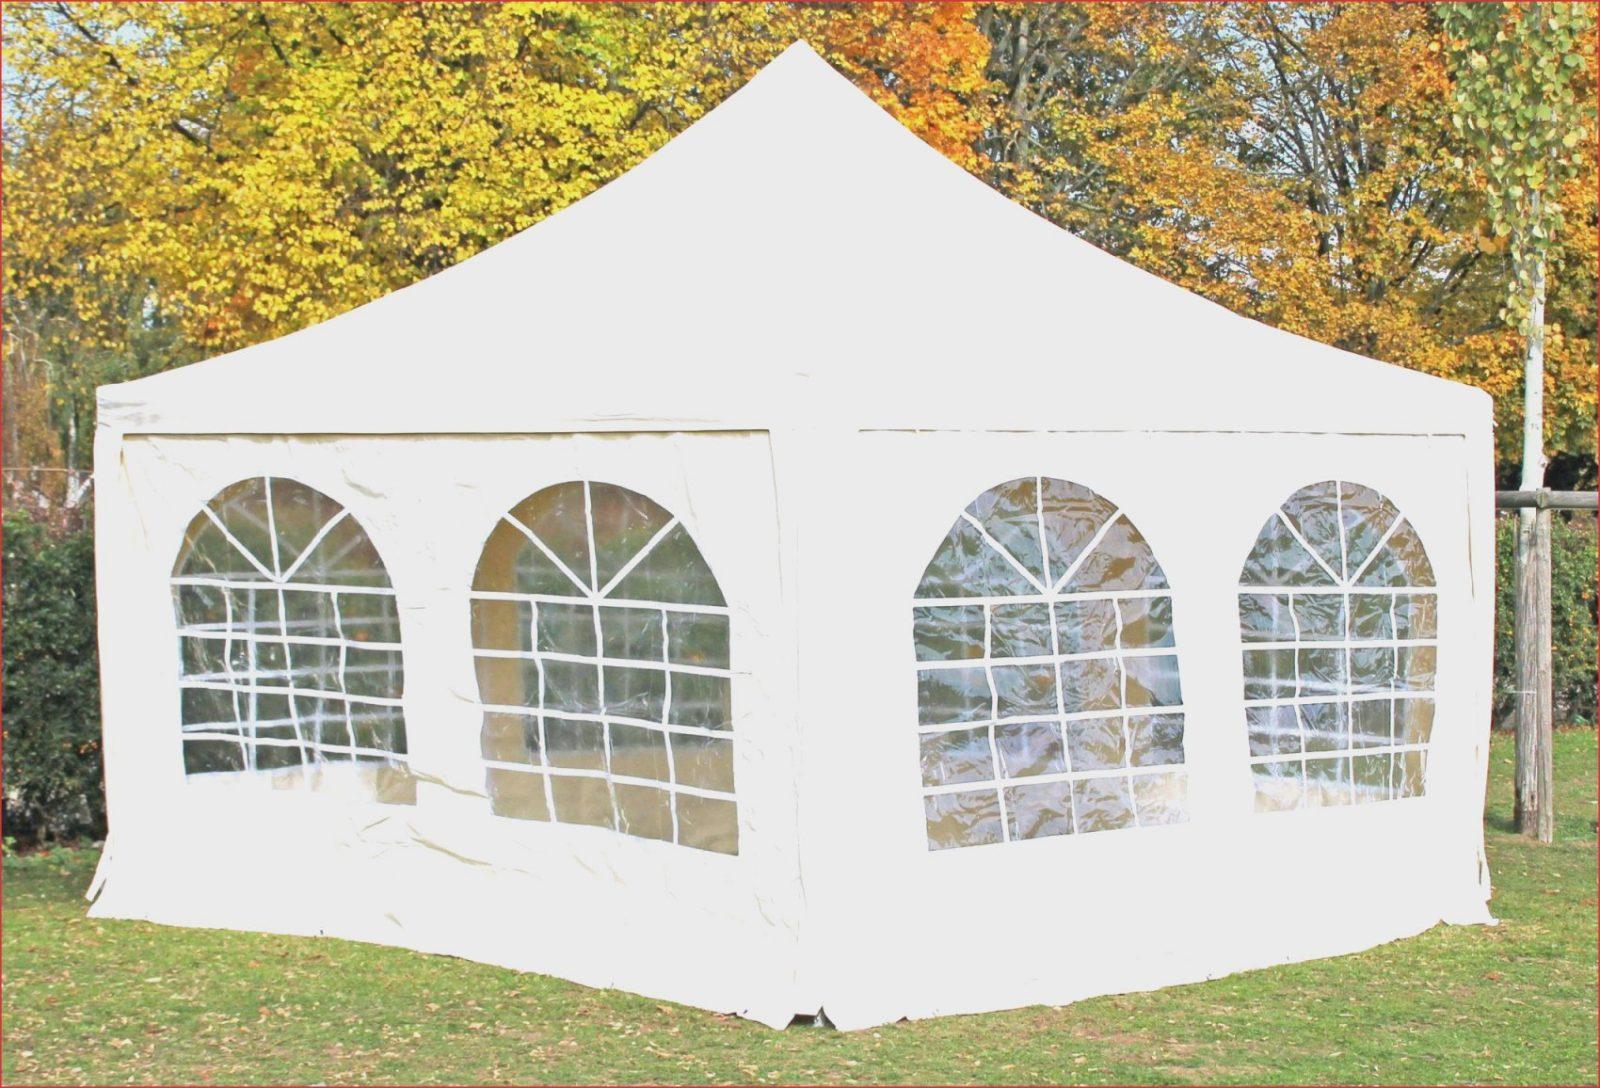 Pavillon 3X3 Wasserdicht Bauhaus A18R Design Zum Pavillon 3X3 von Pavillon 3X3 Wasserdicht Bauhaus Bild